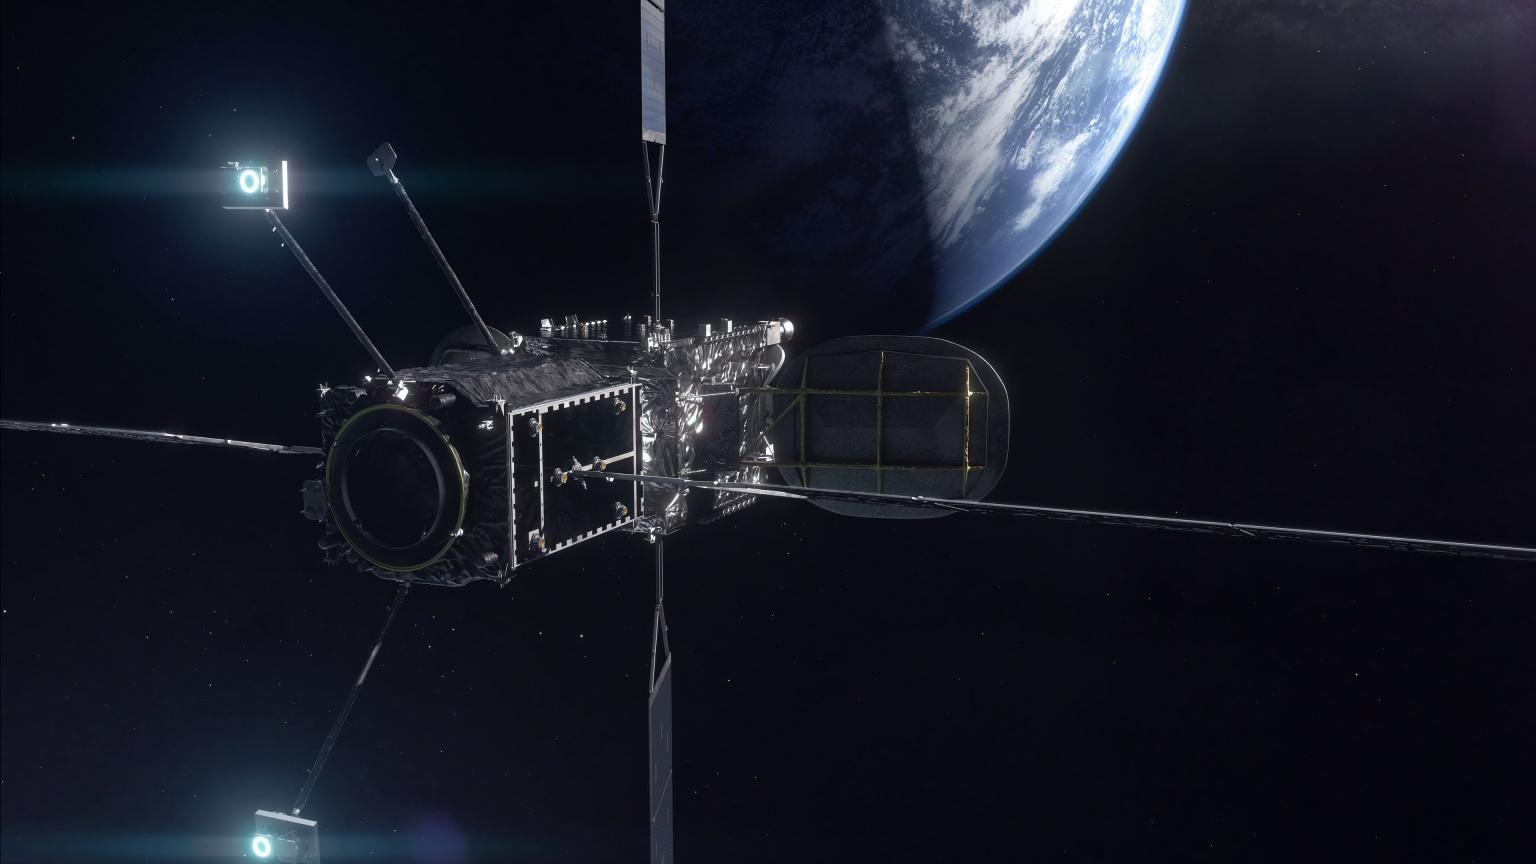 Pari réussi pour le MEV-2 de Northrop-Grumman, qui s'est amarré avec succès à un satellite en orbite